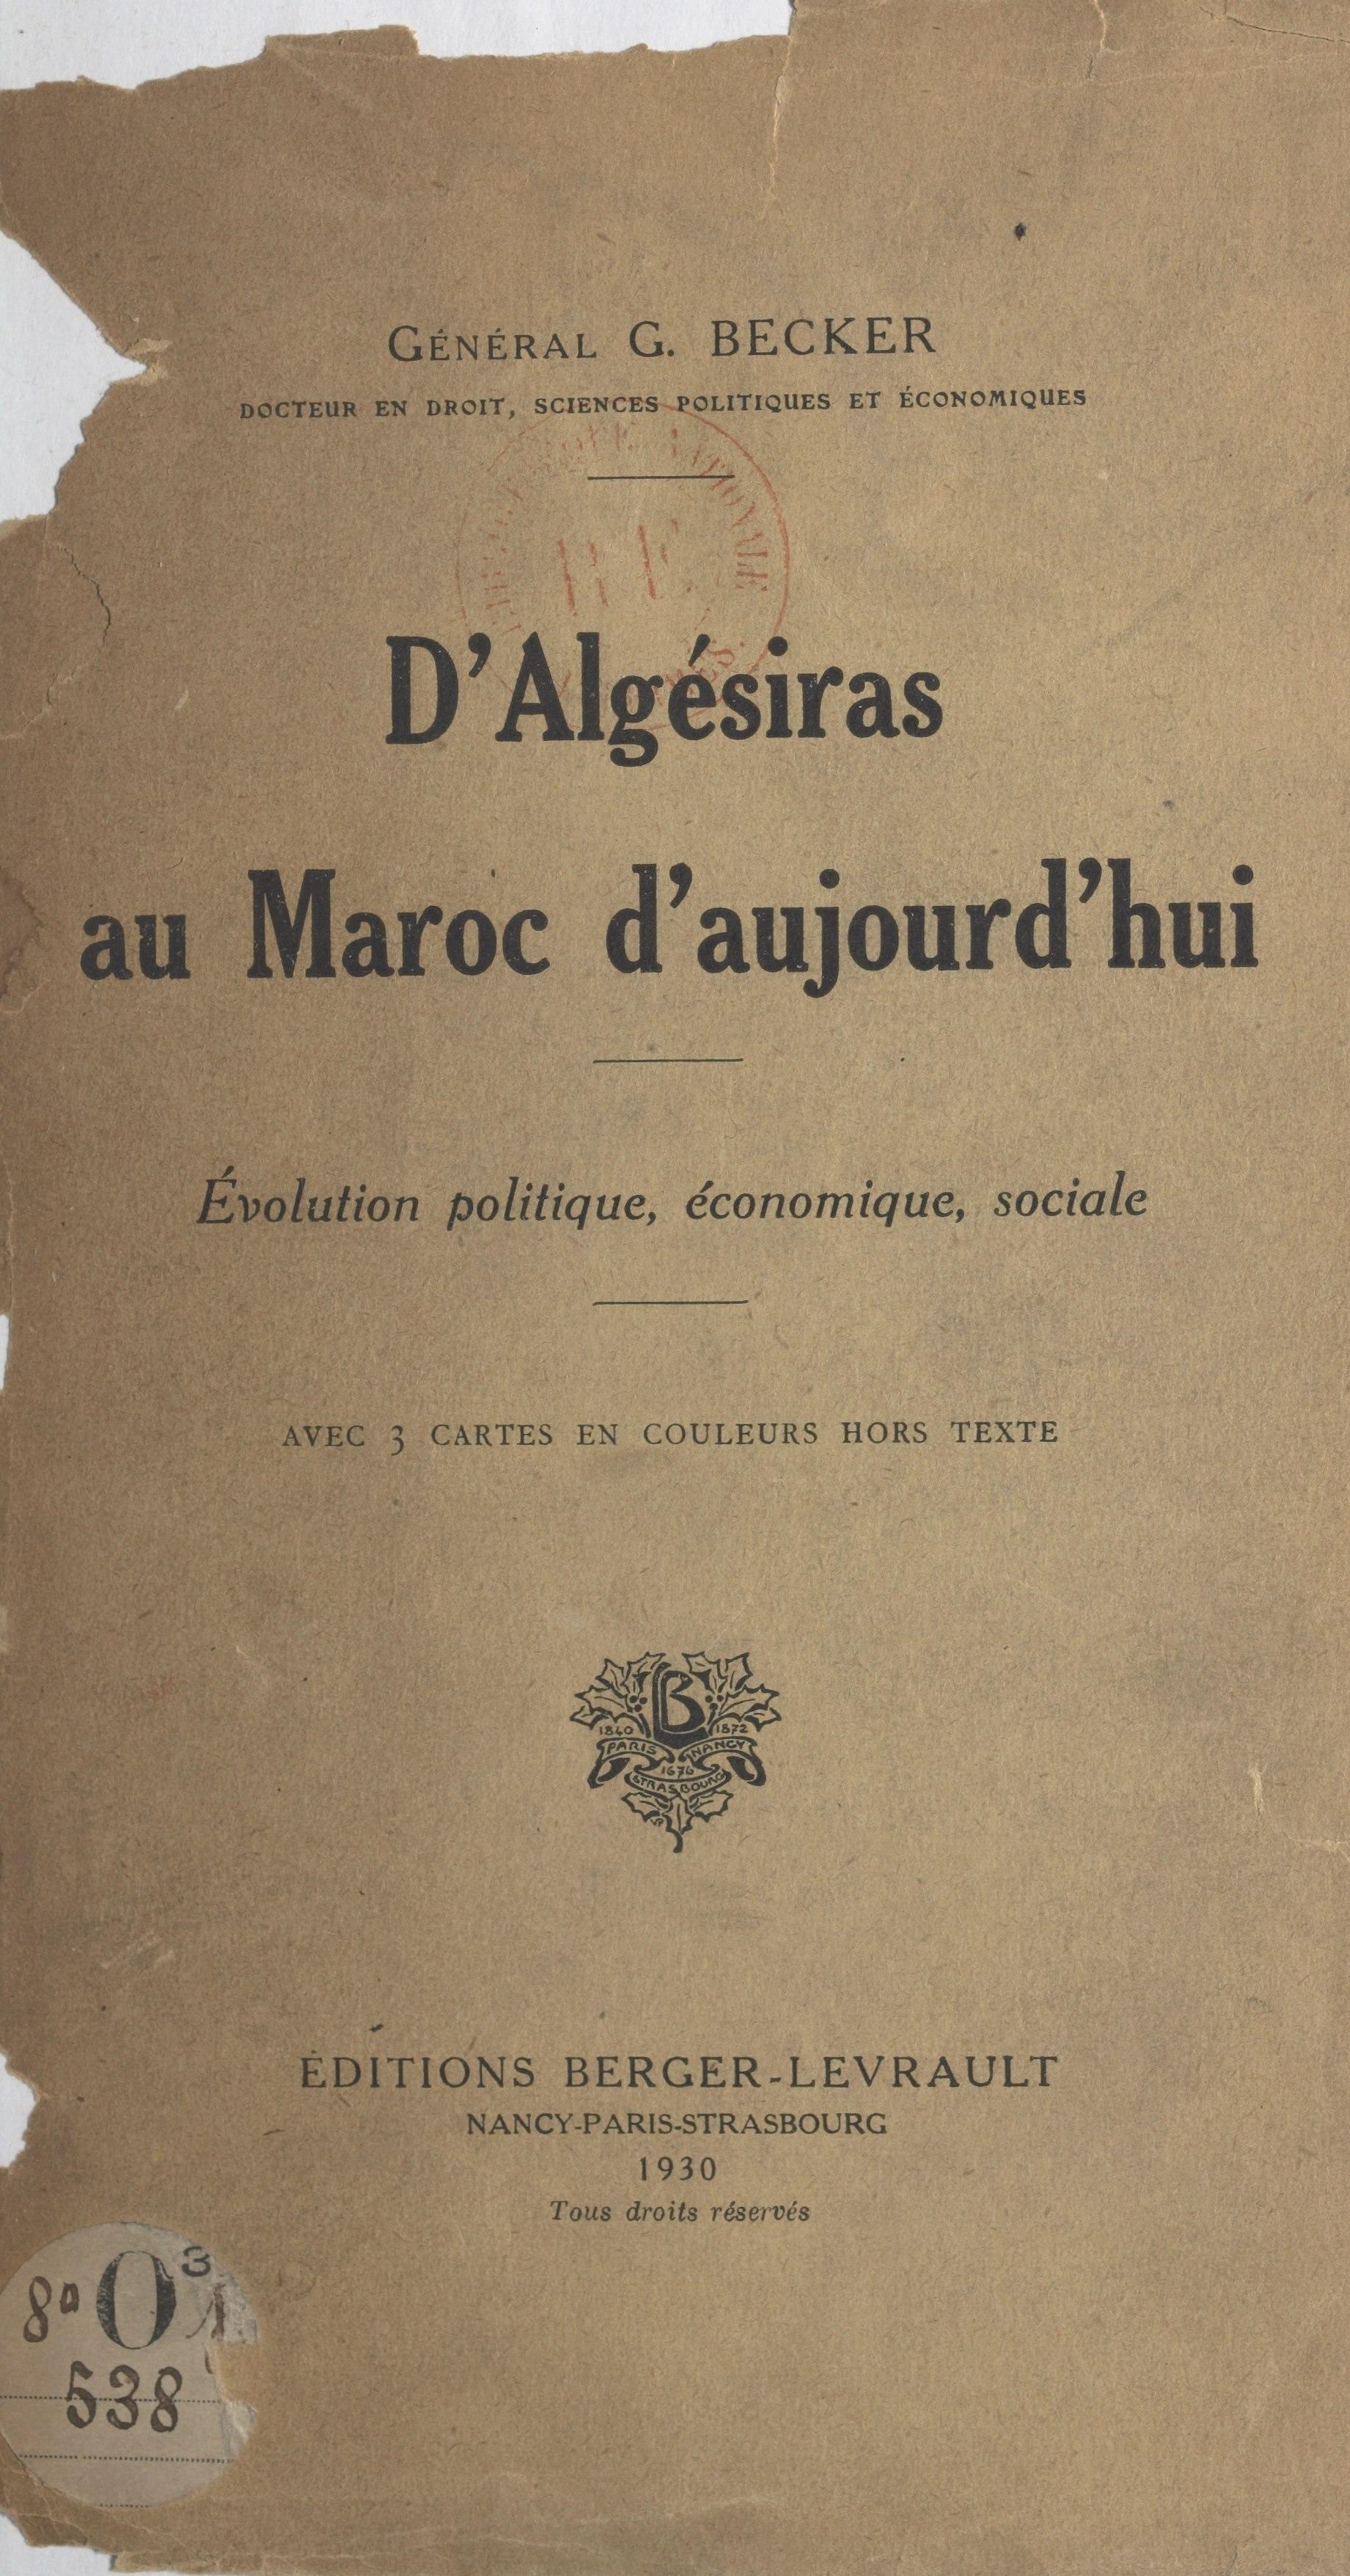 D'Algésiras au Maroc d'aujourd'hui, ÉVOLUTION POLITIQUE, ÉCONOMIQUE, SOCIALE